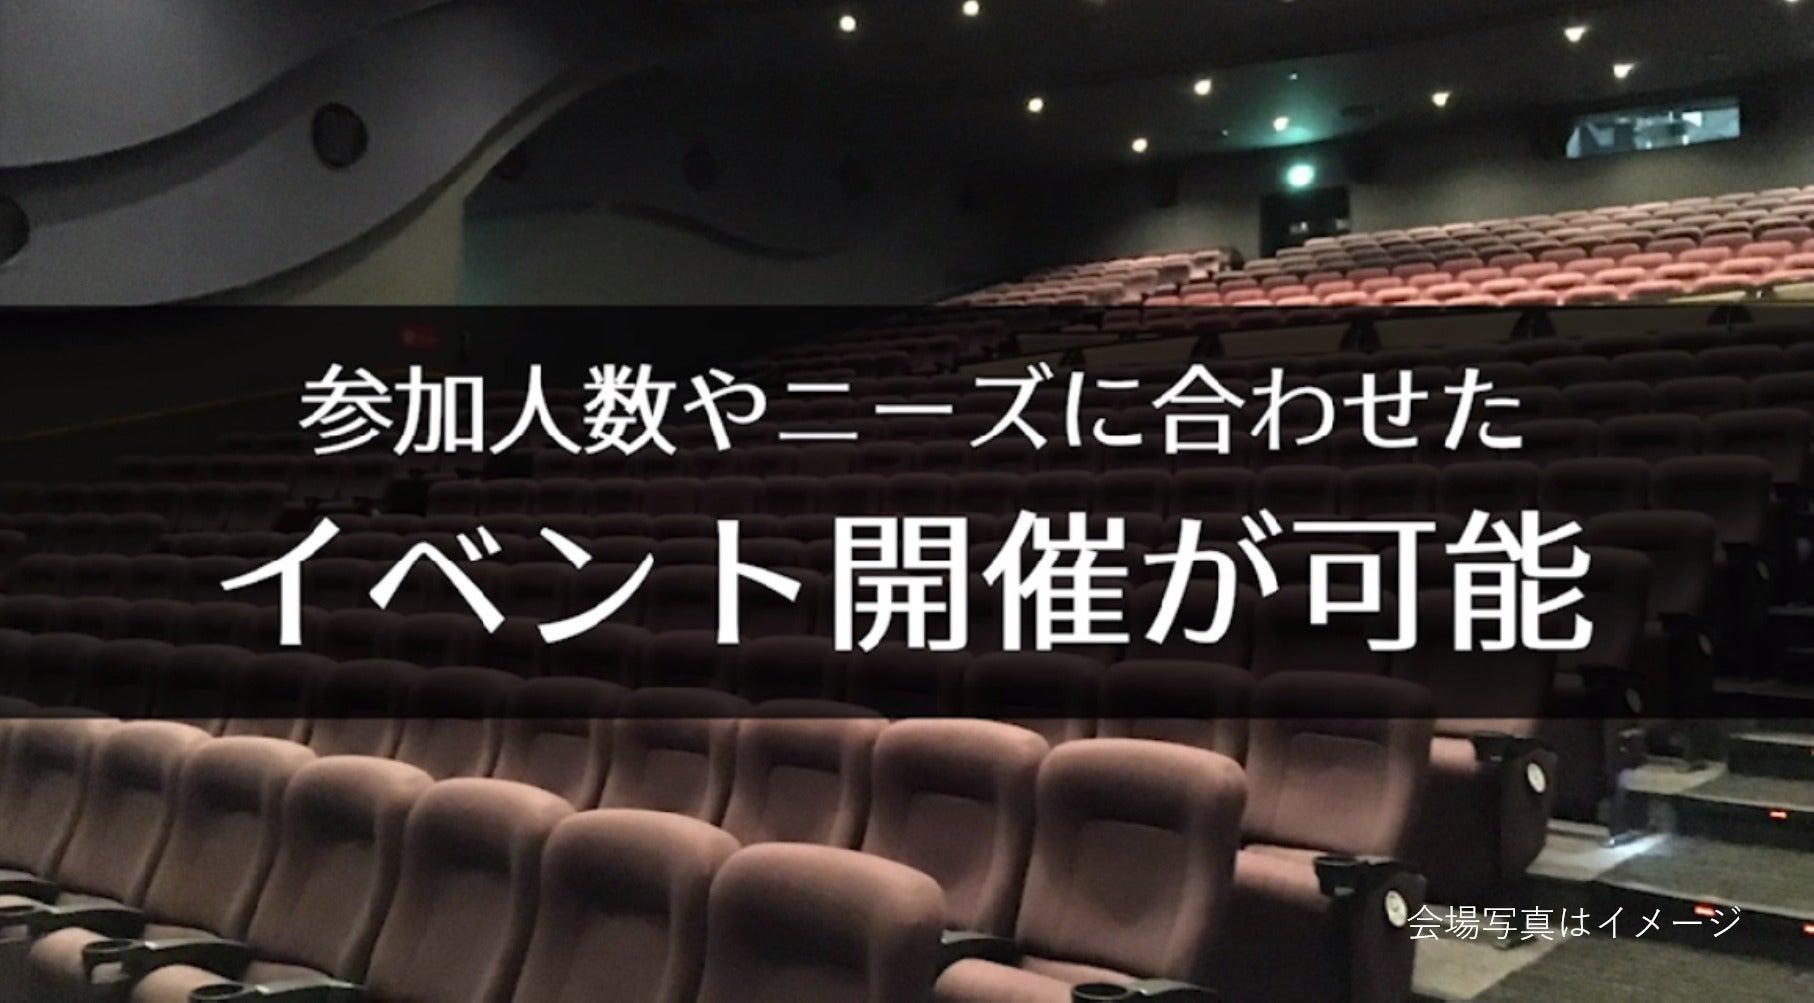 【浦和 148席】映画館で、会社説明会、株主総会、講演会の企画はいかがですか?(ユナイテッド・シネマ浦和) の写真0